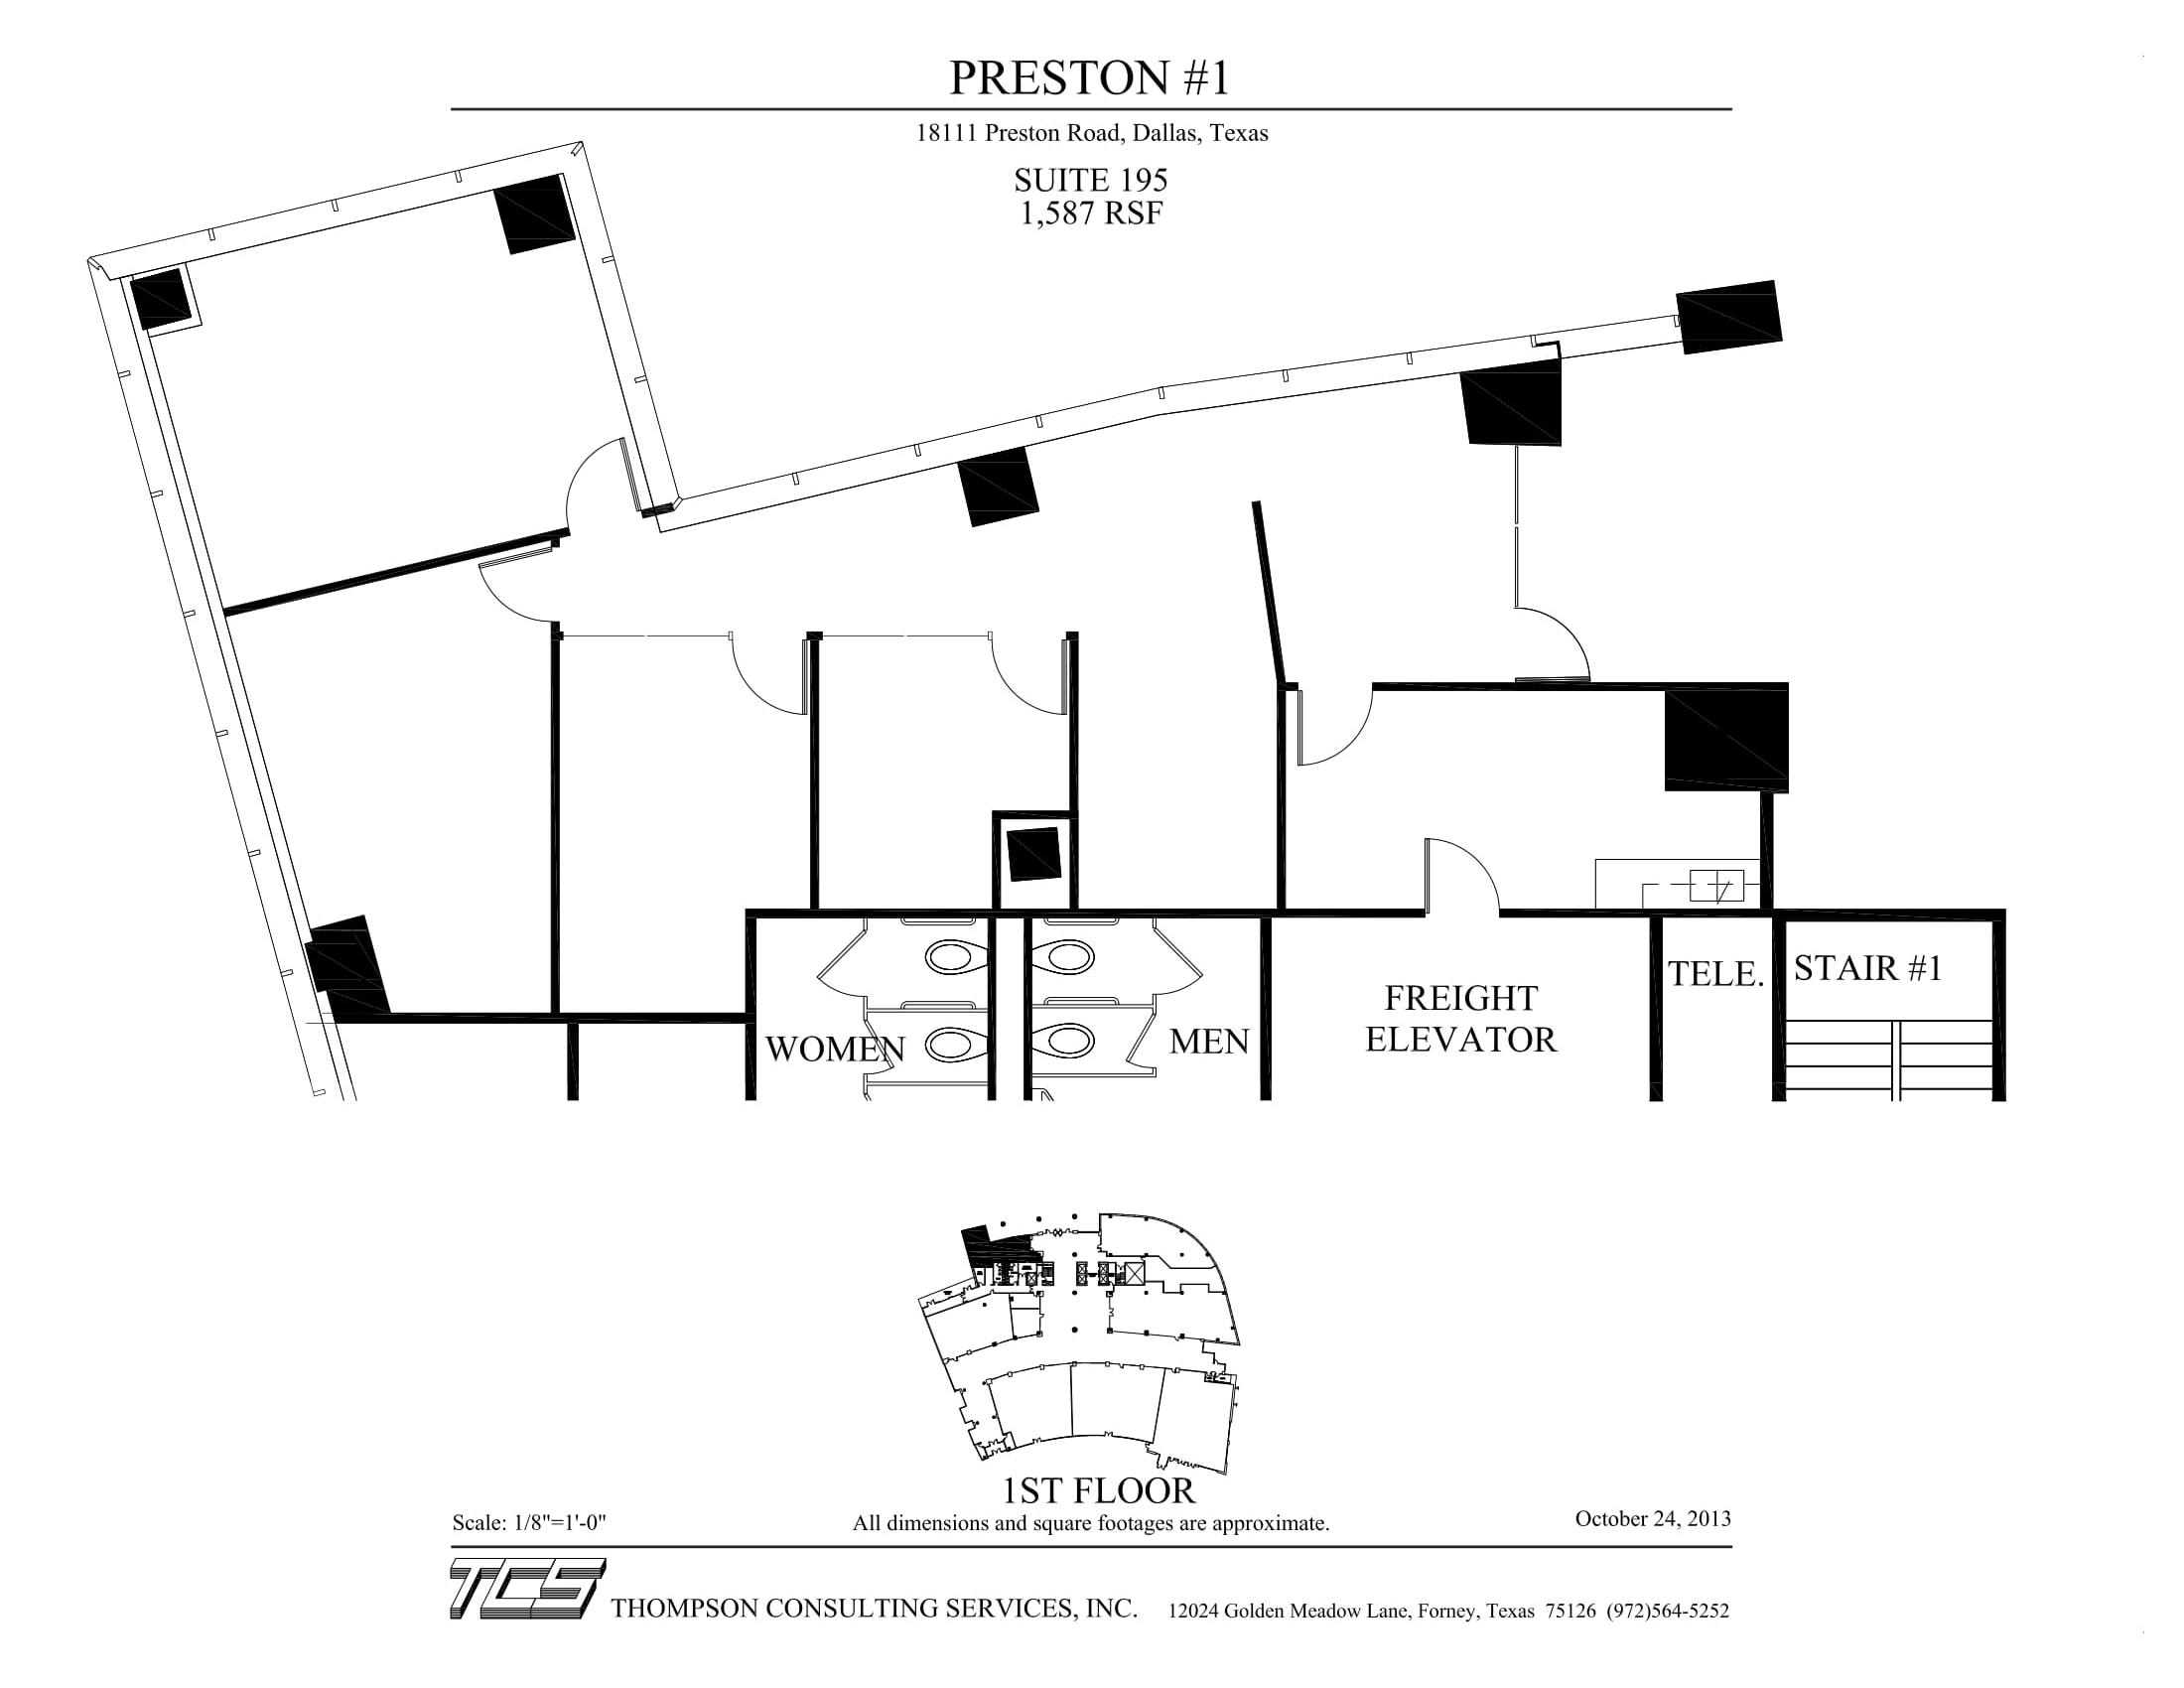 Preston #1 - Suite 195 - Marketing Plan - Updated 10-24-13 (2)-1